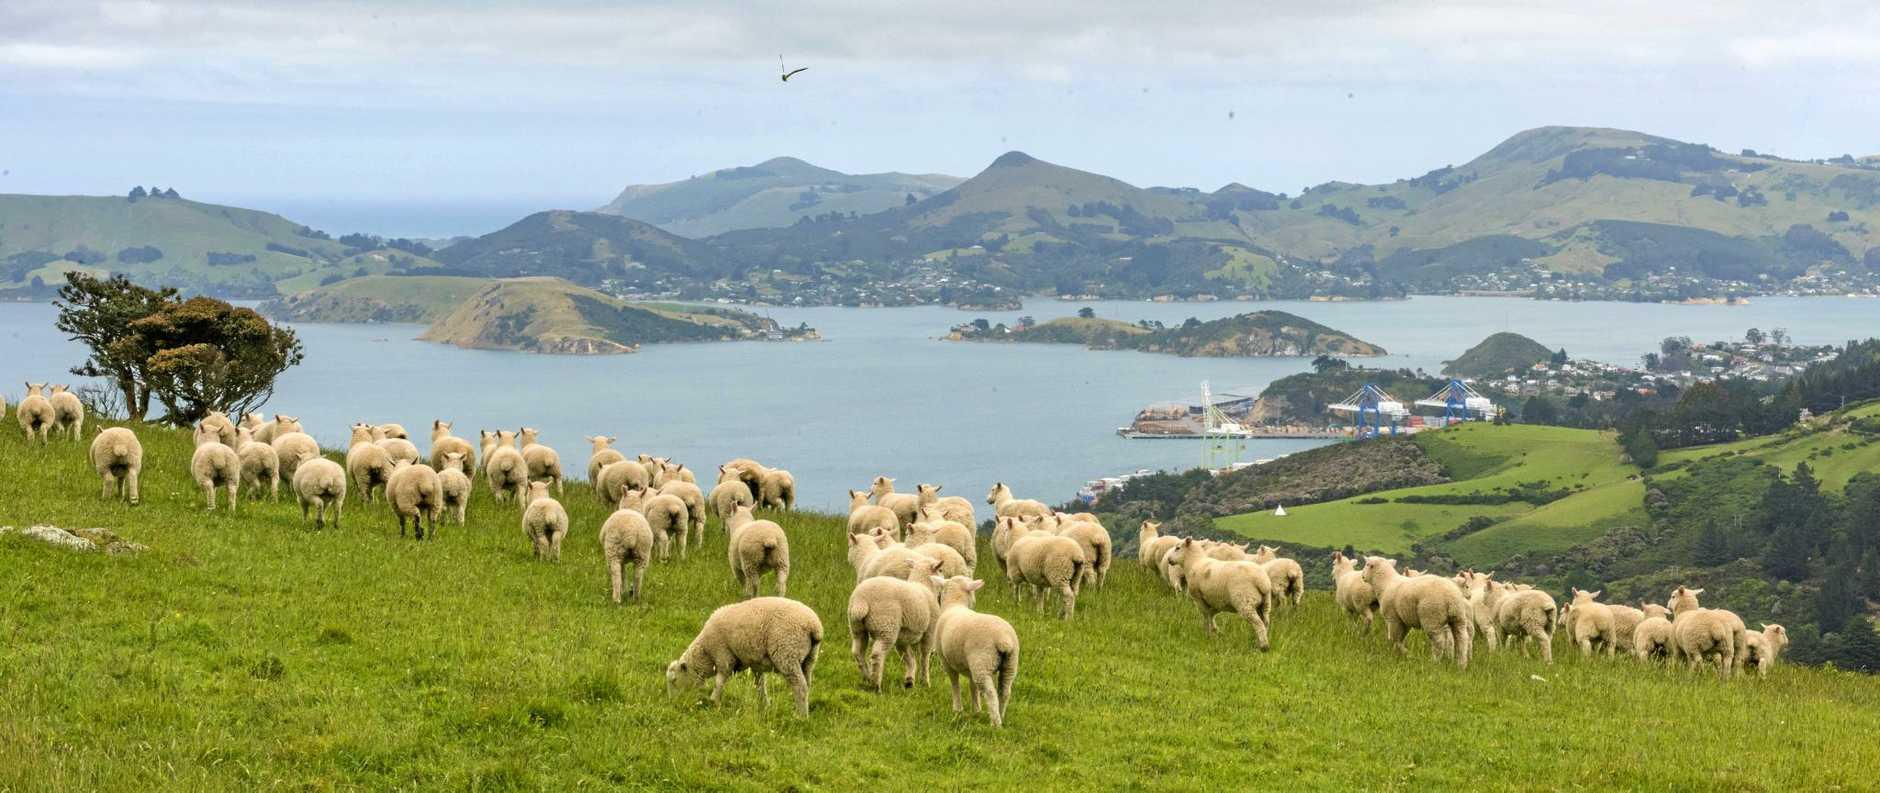 A postcard scene on the outskirts of Dunedin.